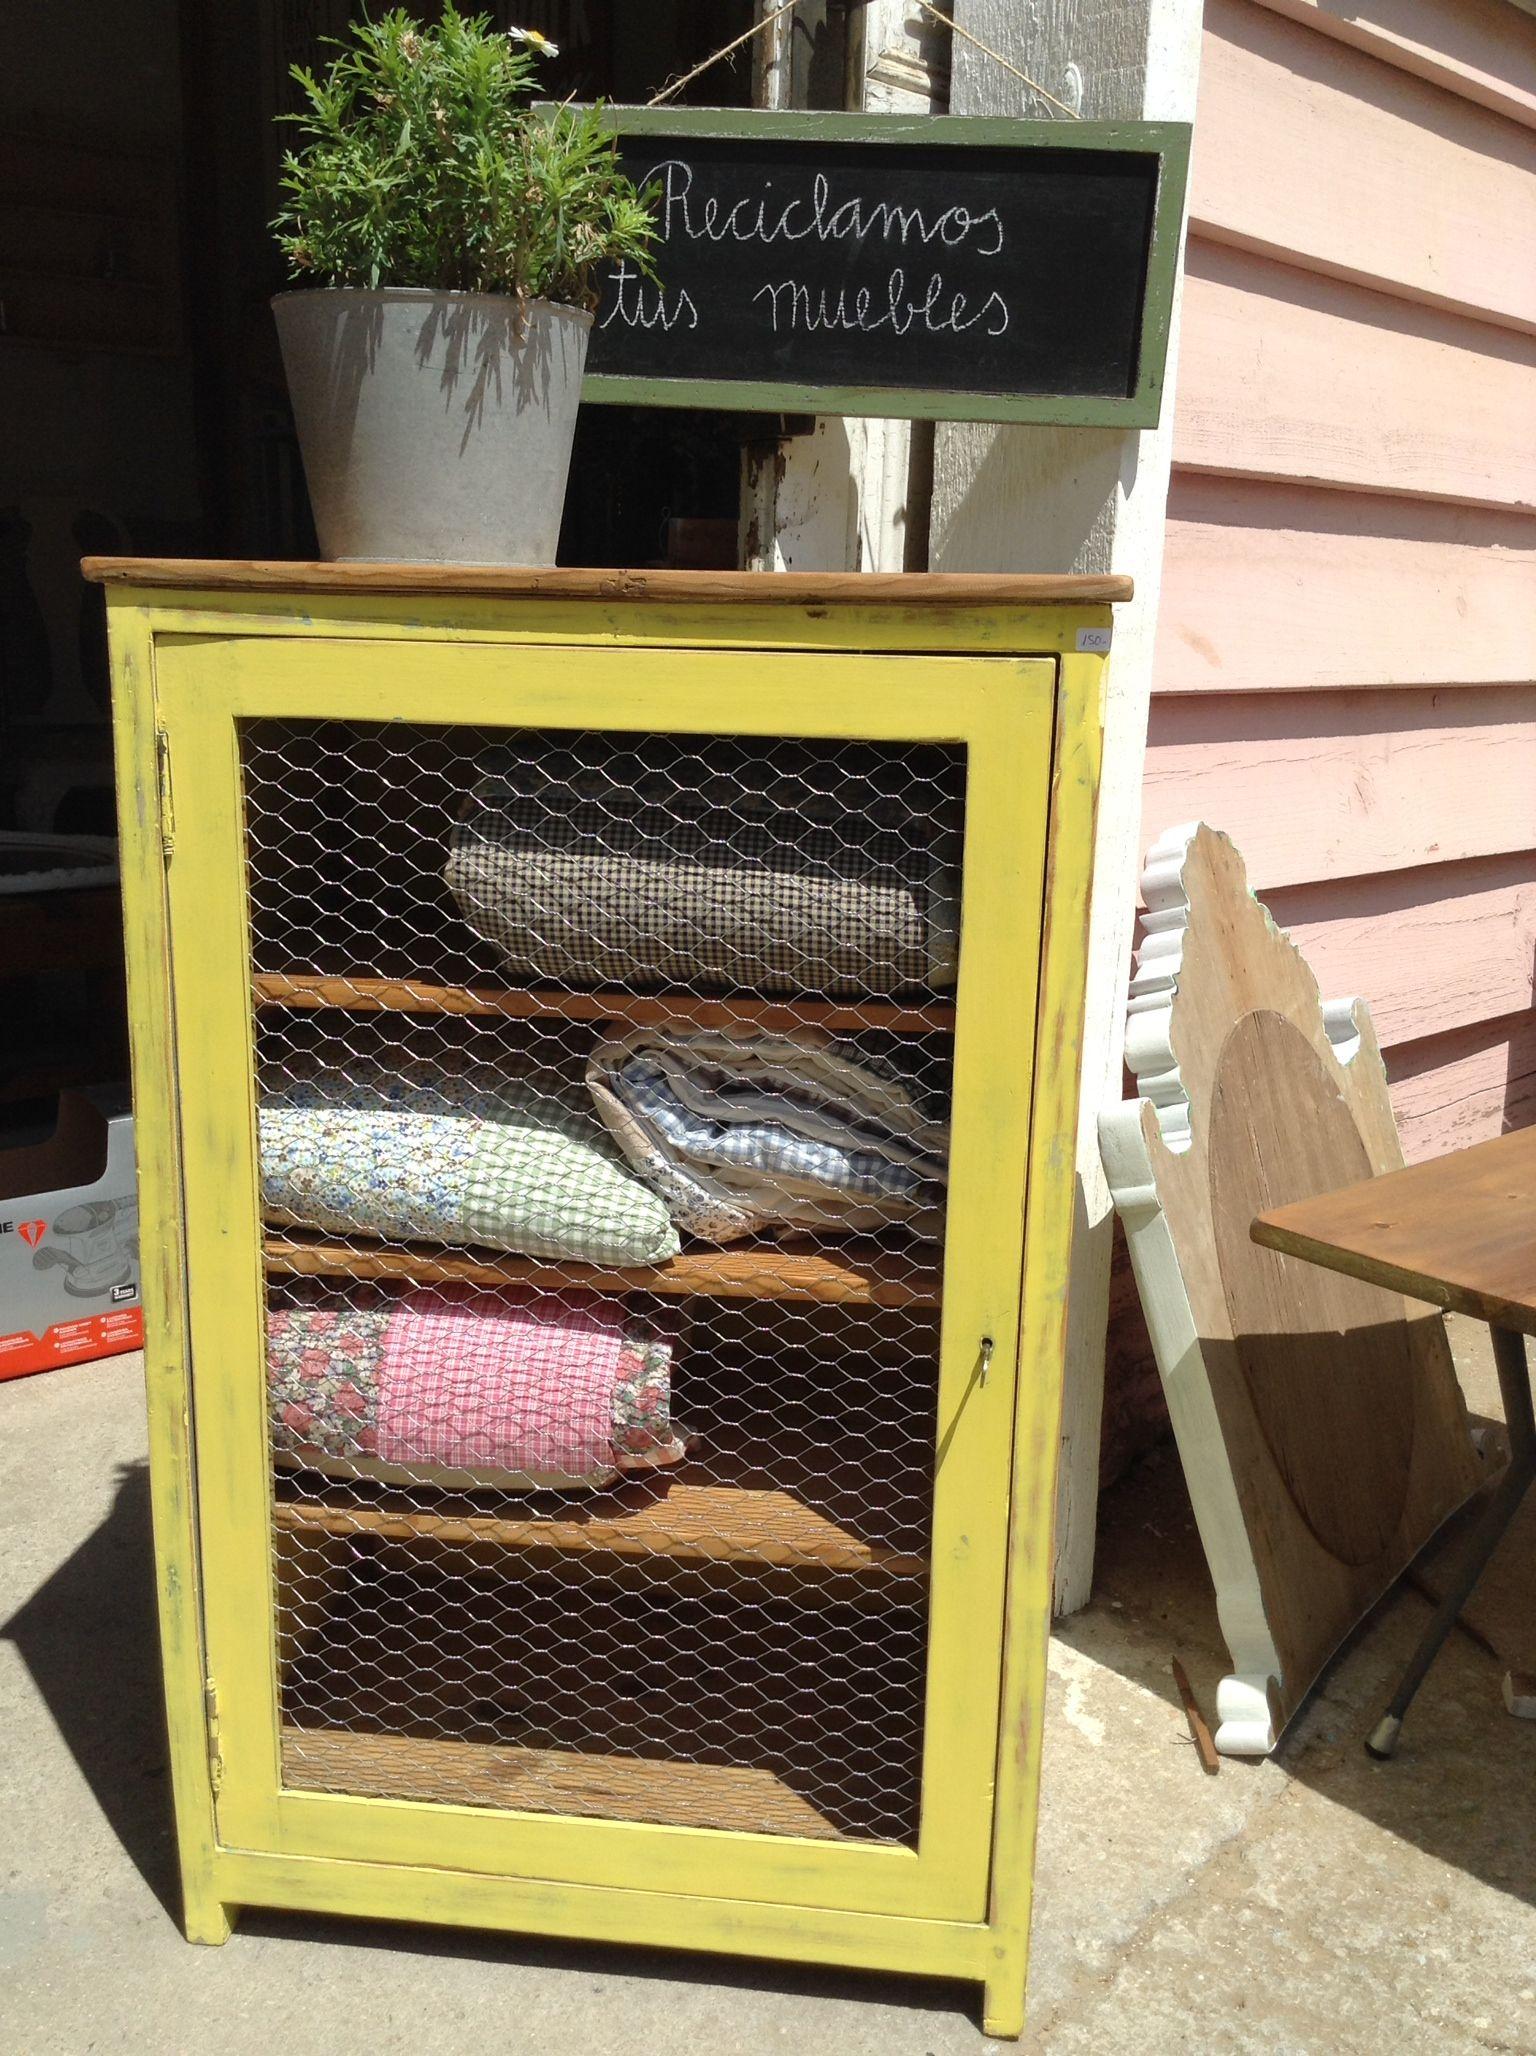 Mueble reciclado en barcelona con tela de gallinero para - Mueble para cocina ...